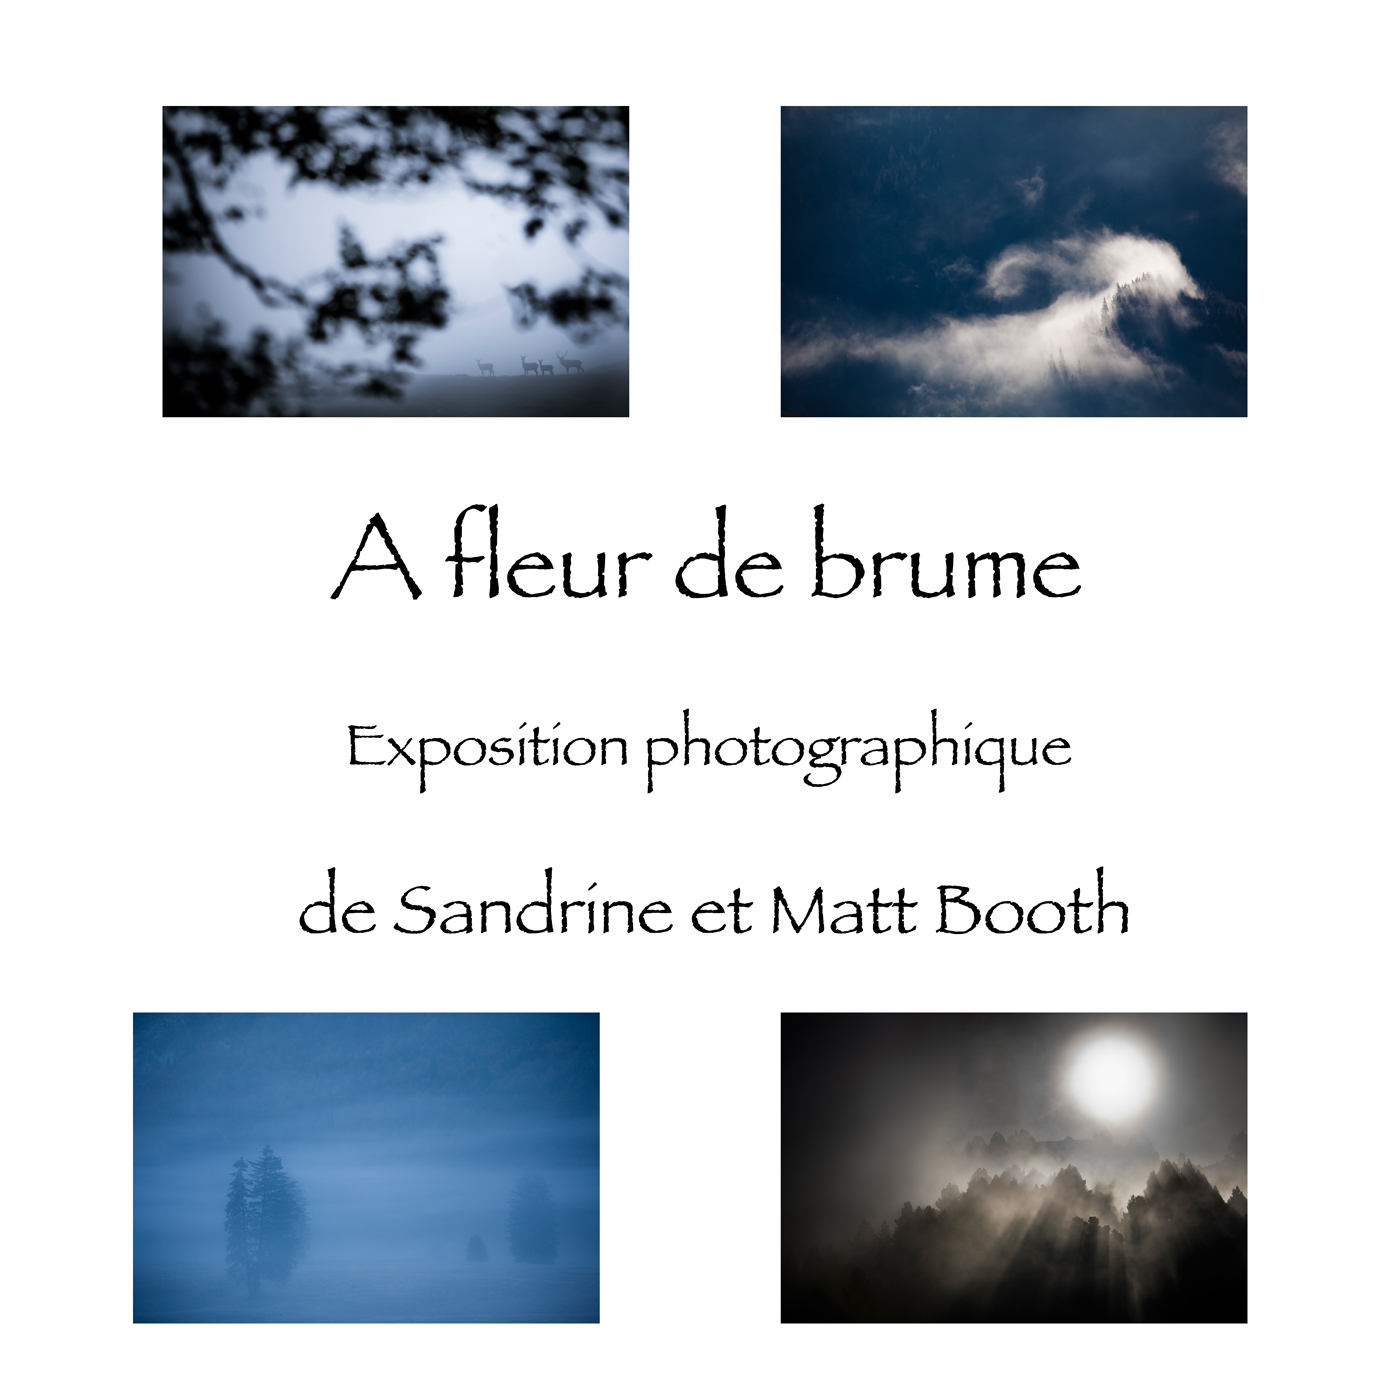 affiche_expo_a_fleur_de_brume